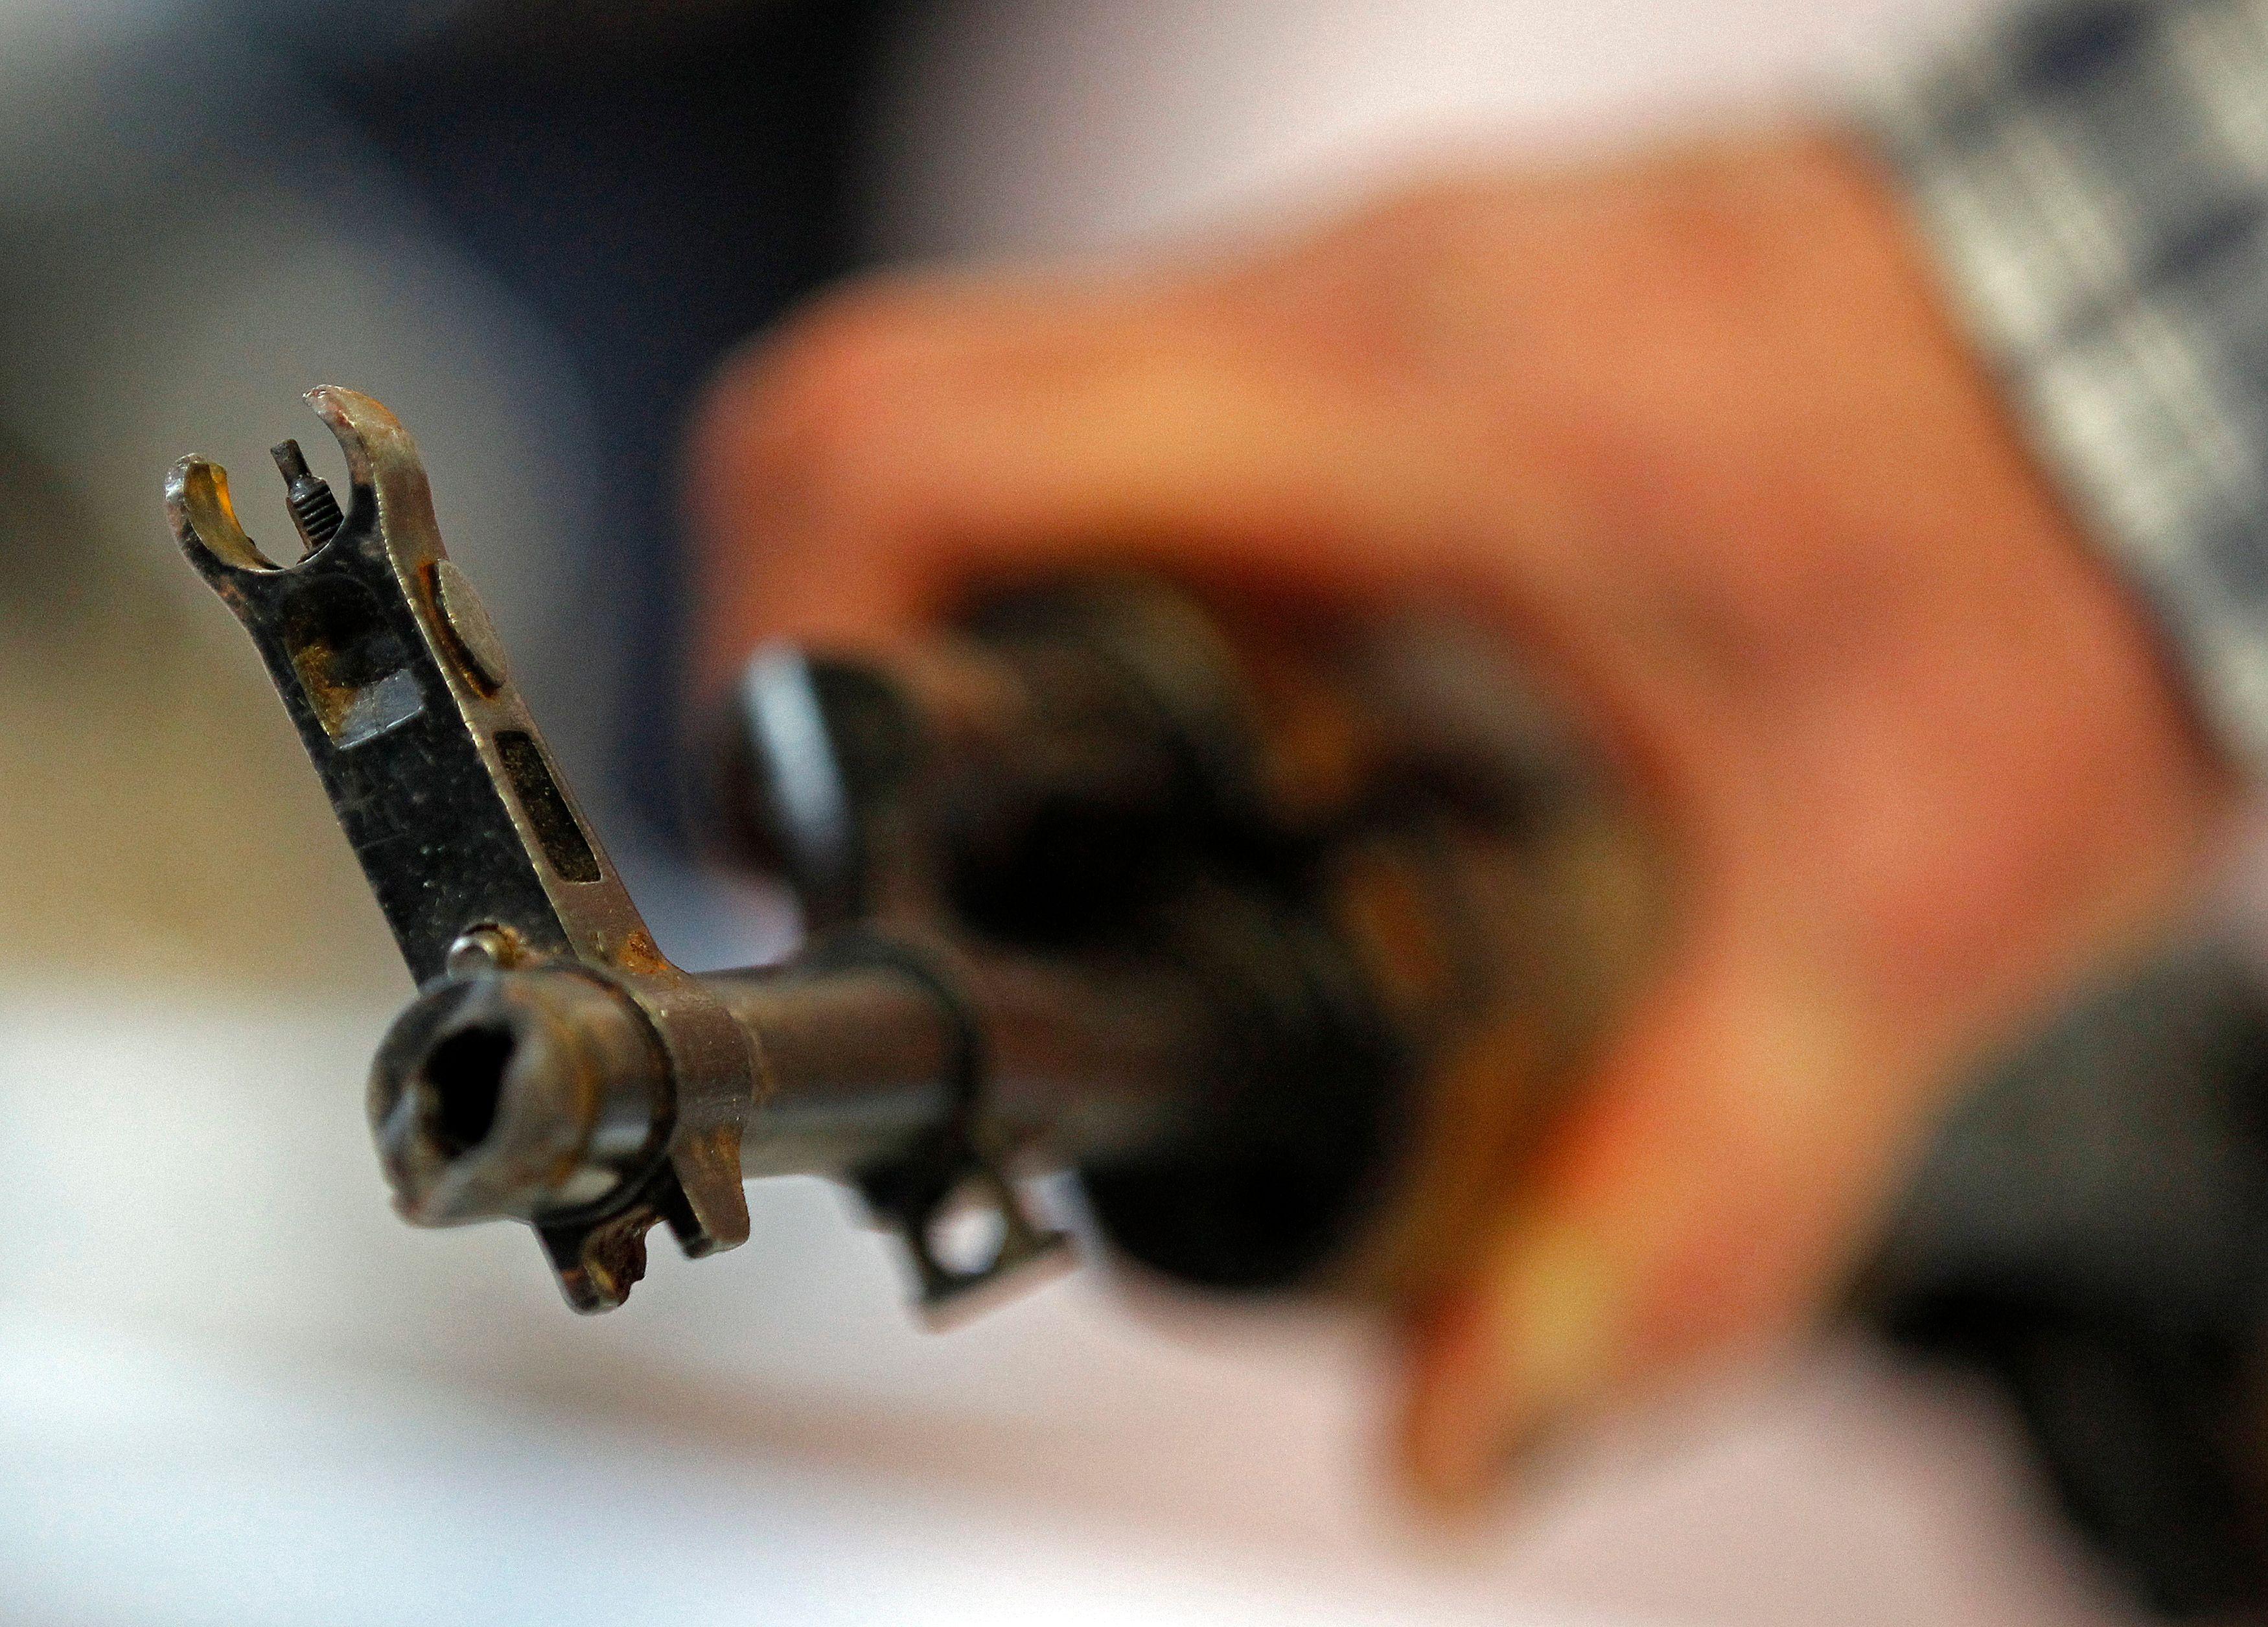 En 2011, il y a eu 20 règlements de comptes (16 morts) dans la région marseillaise.